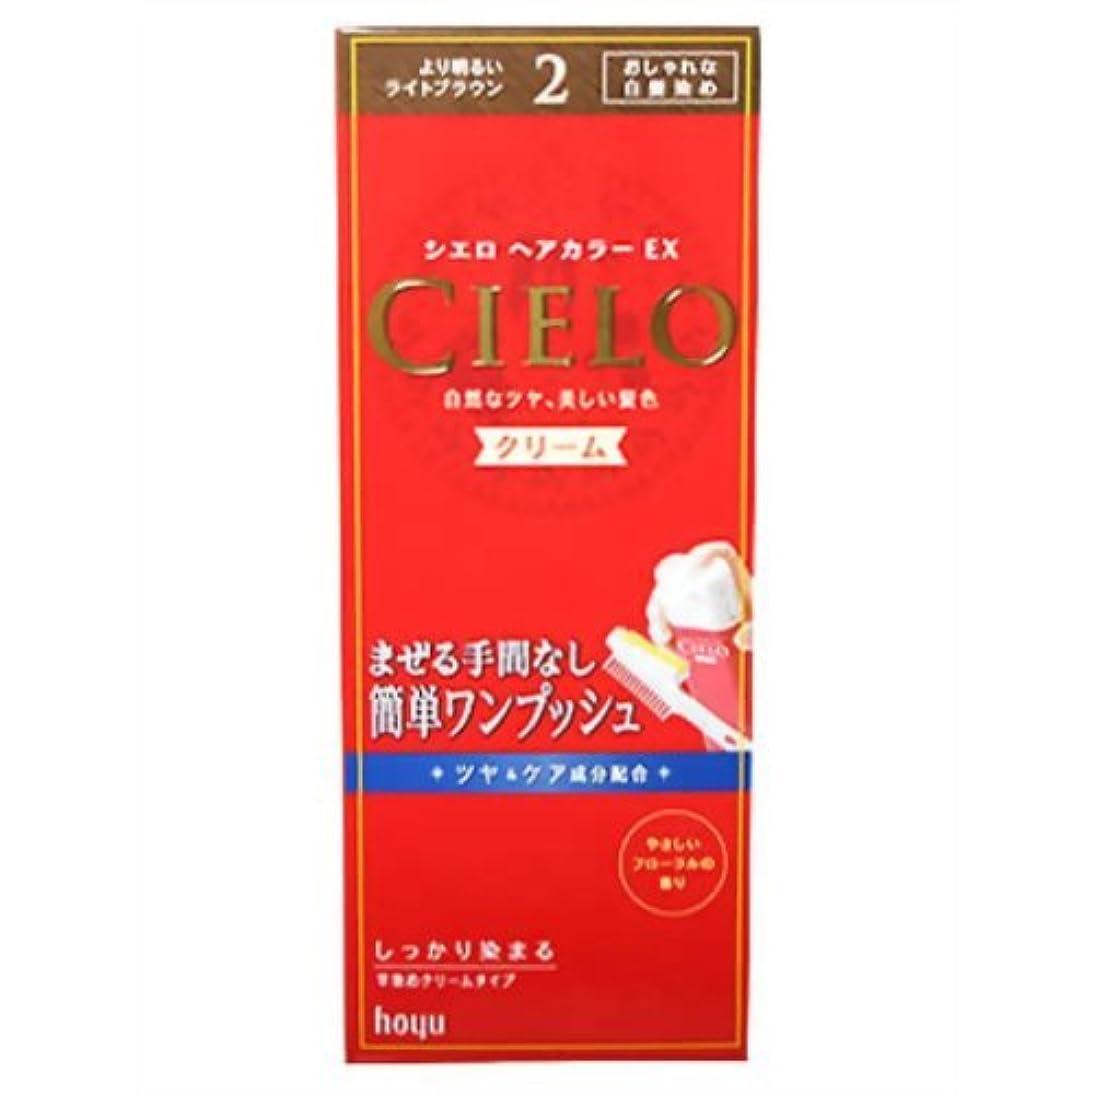 最後のスーパー廃止シエロ ヘアカラーEX クリーム2 (より明るいライトブラウン)